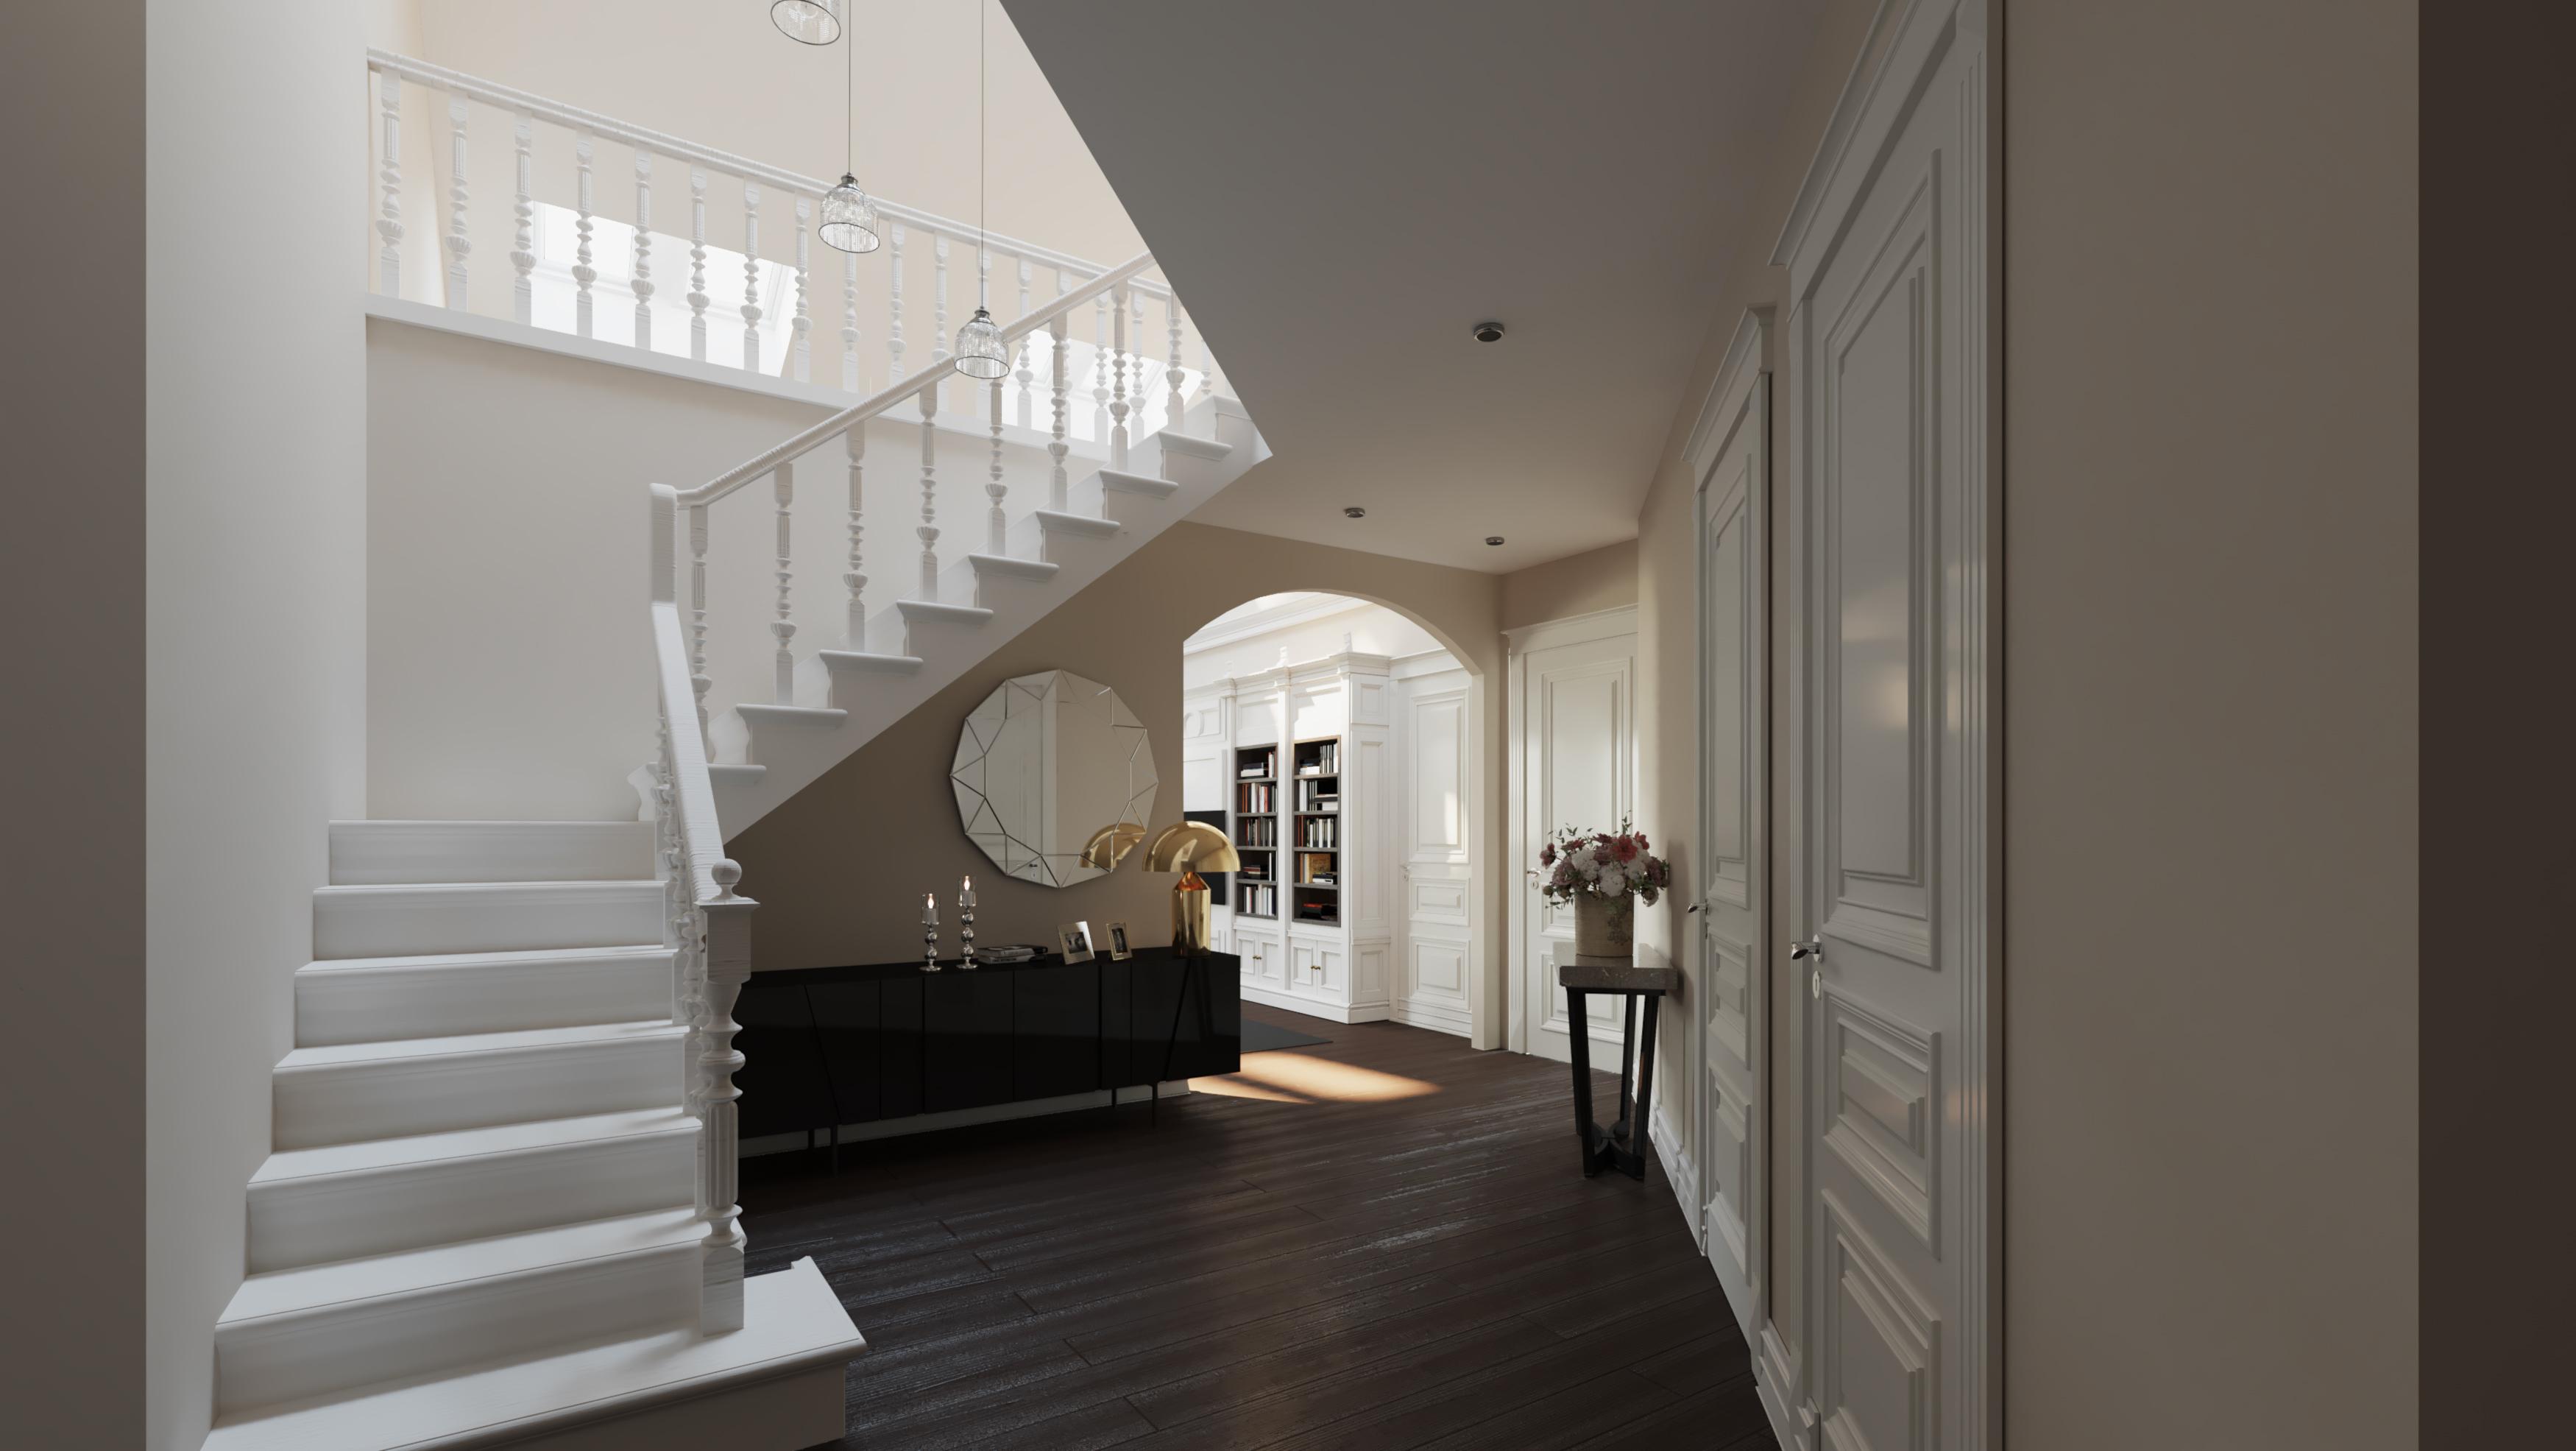 Wizualizacja wnętrz 3d - mieszkanie, klatka schodowa z oknem dachowym